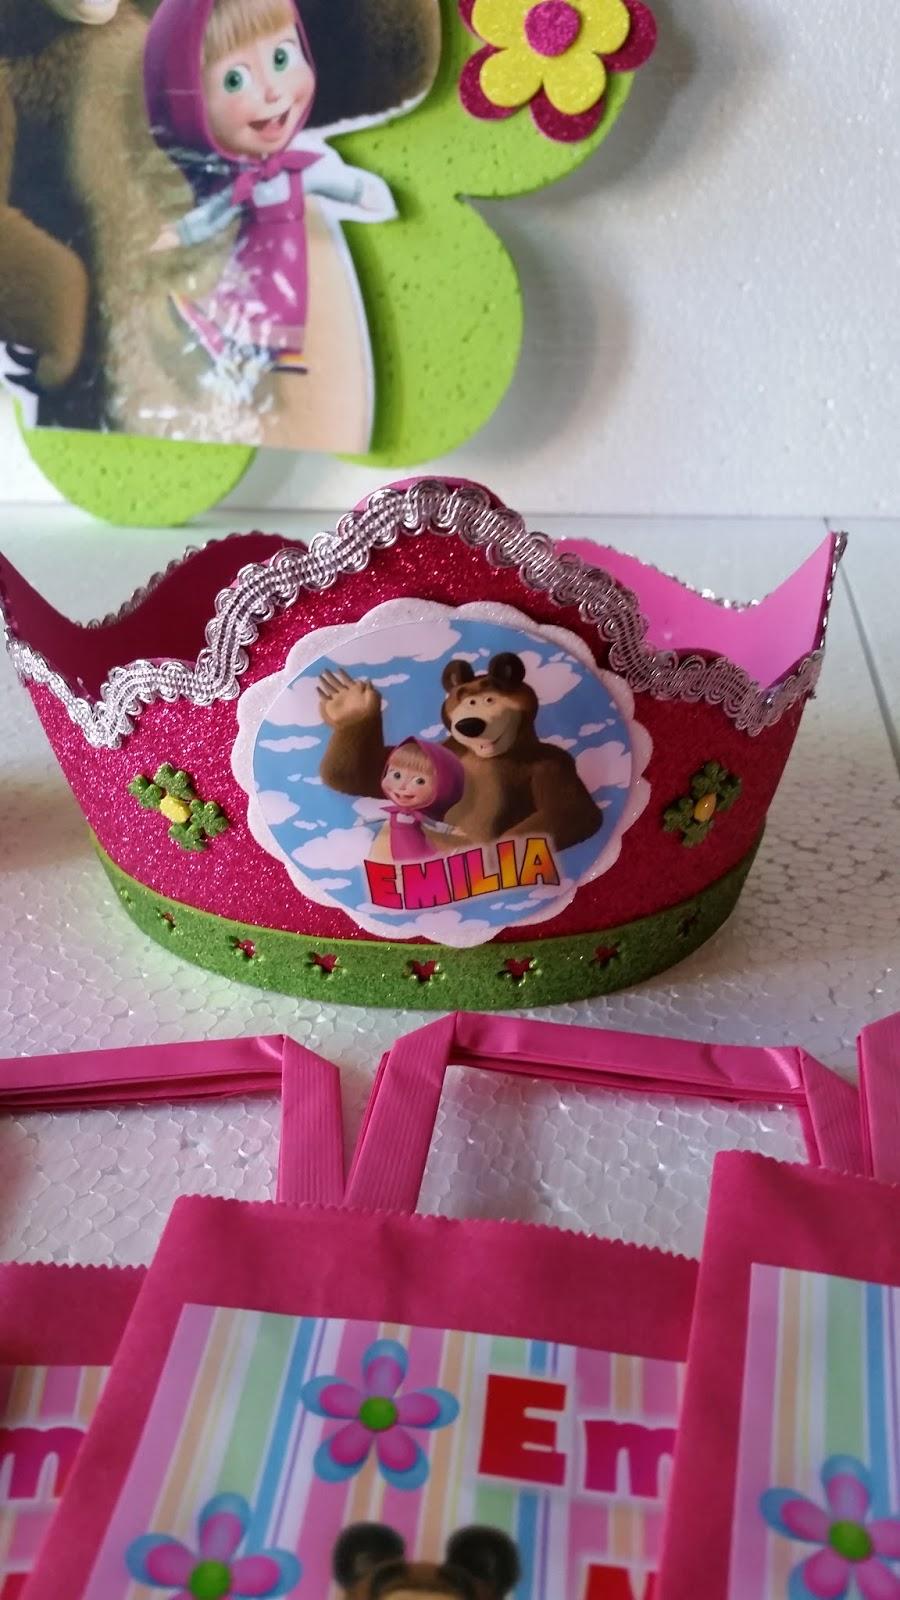 Decoraciones infantiles masha y el oso decoraciones for Decoraciones infantiles